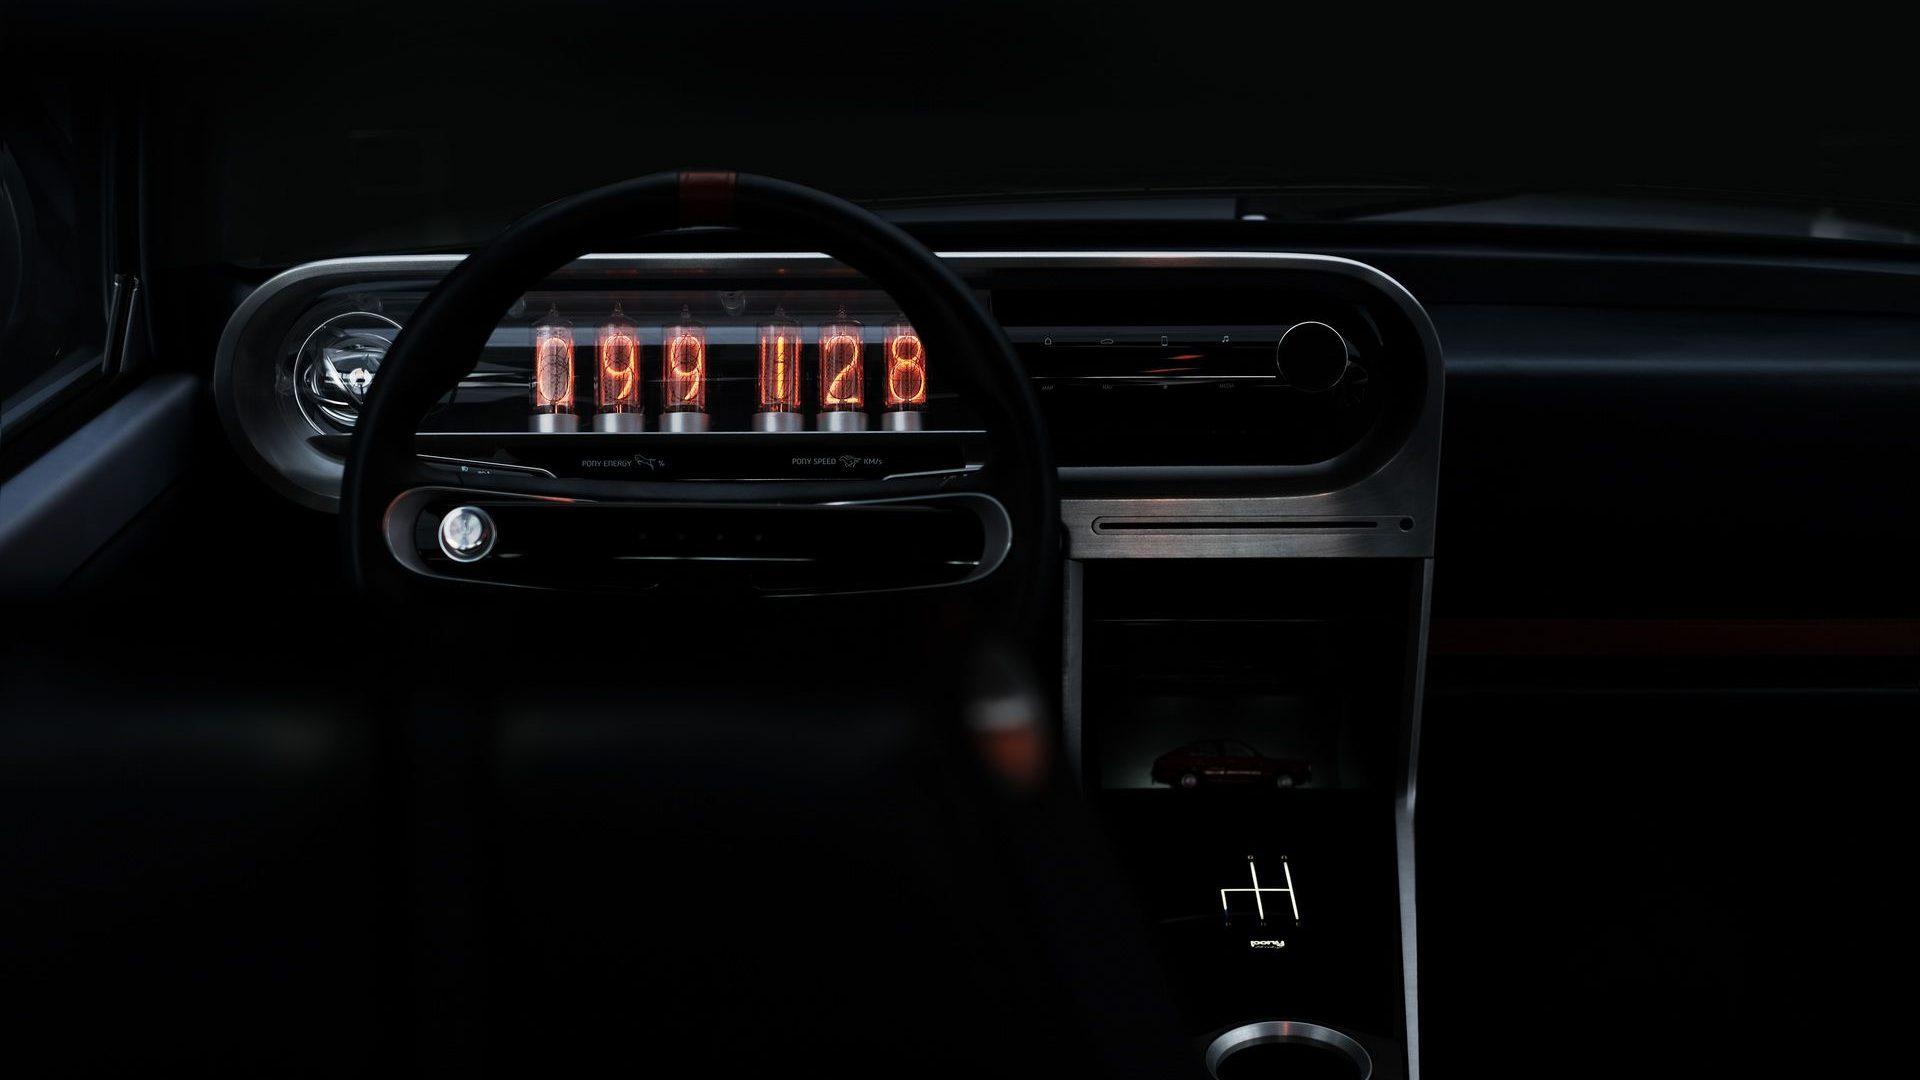 2021-Hyundai-Pony-EV-Show-Car-Interior-05